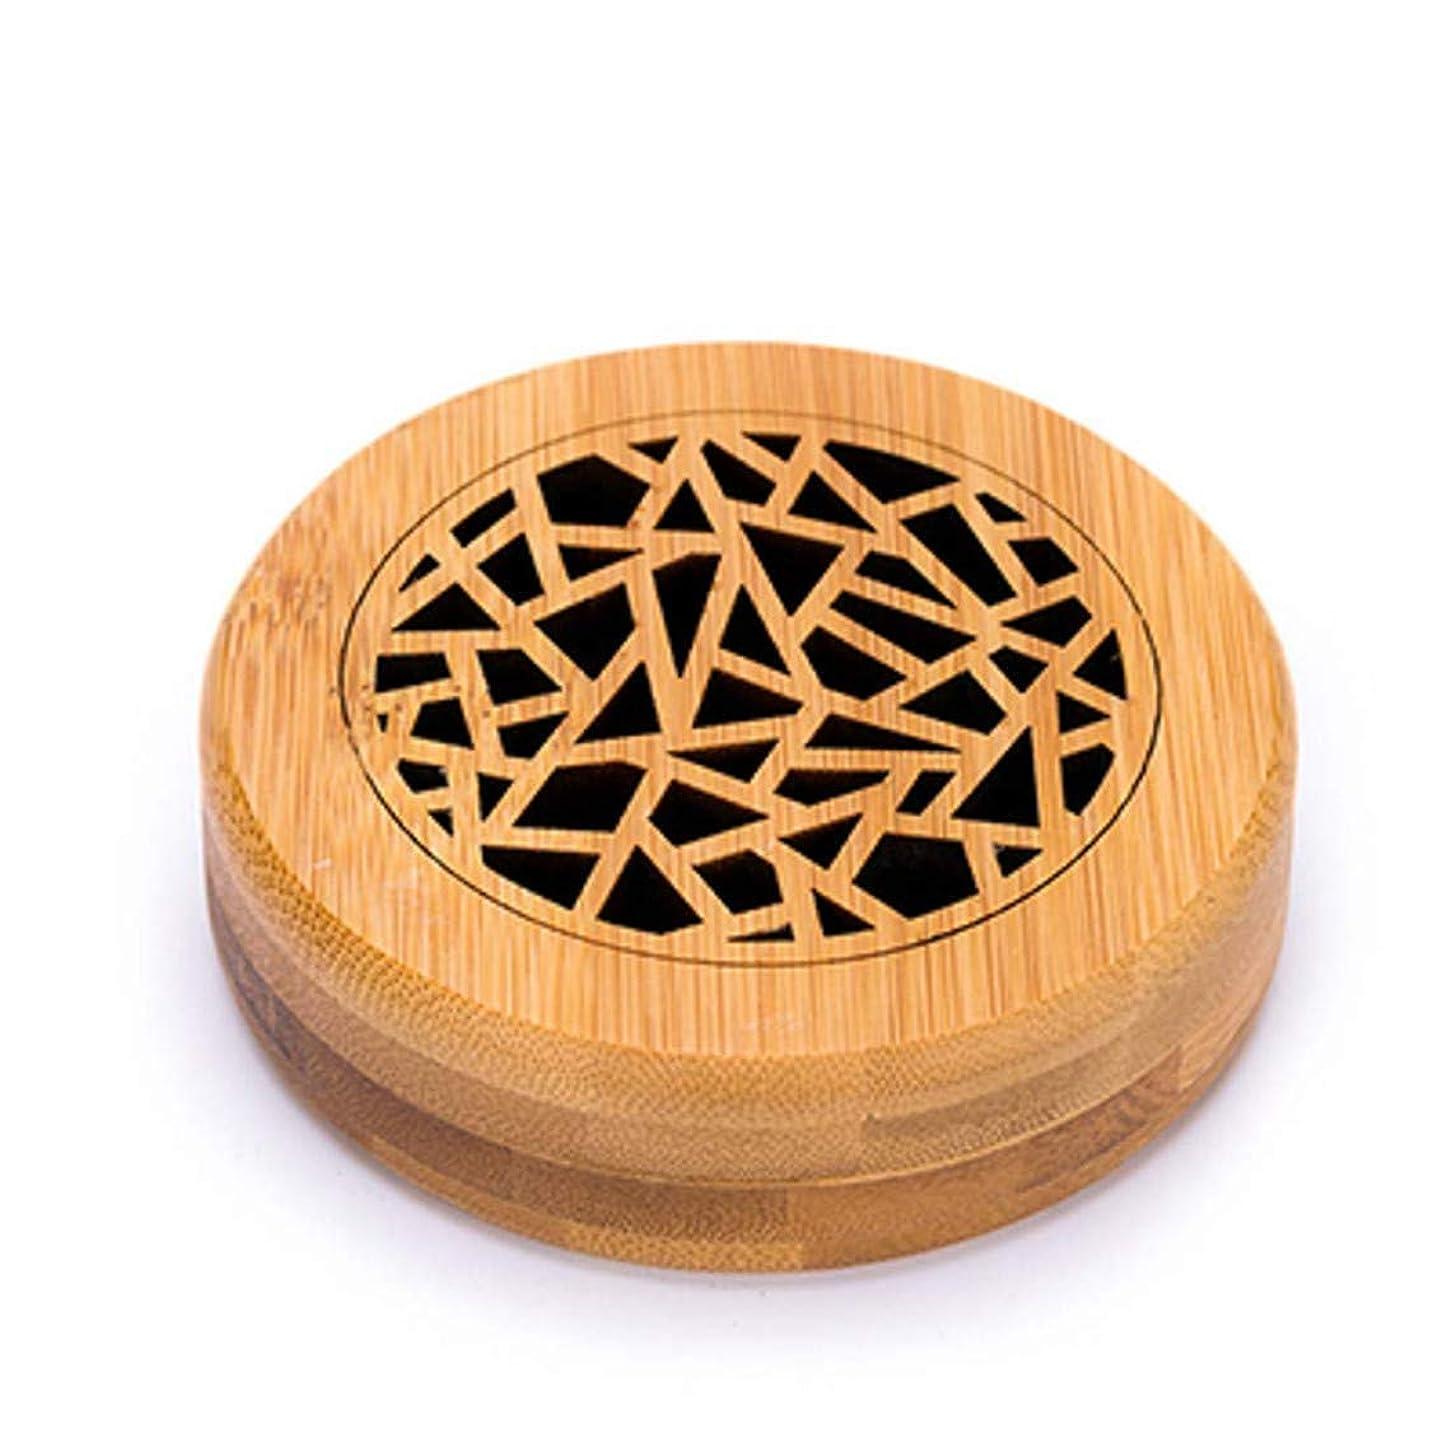 誓う恋人パステルWXNUH レトロ 竹 香炉 コイル 瞑想 香炉 天然素材 インセンスホルダー 室内 フレグランス ホームデコ ギフト